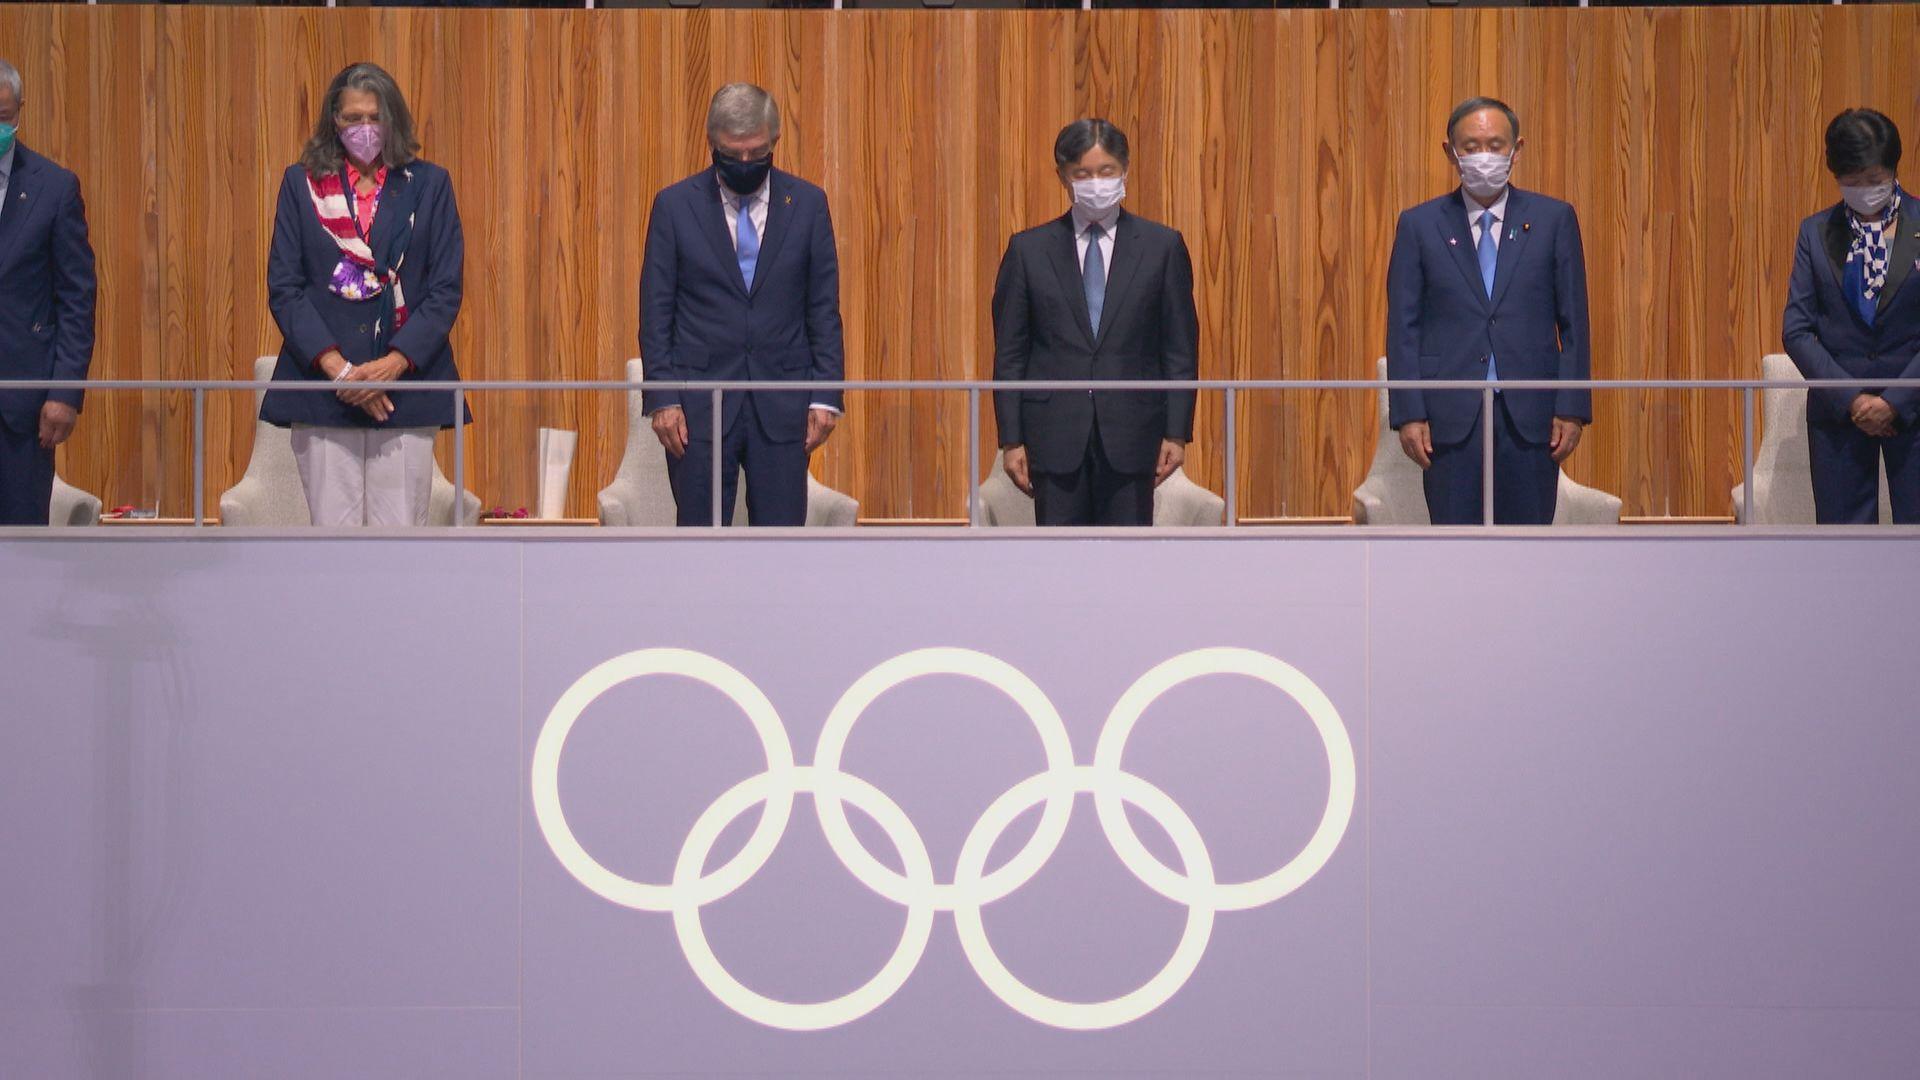 東京奧運舉行開幕禮 為染疫死者默哀及表揚醫護人員